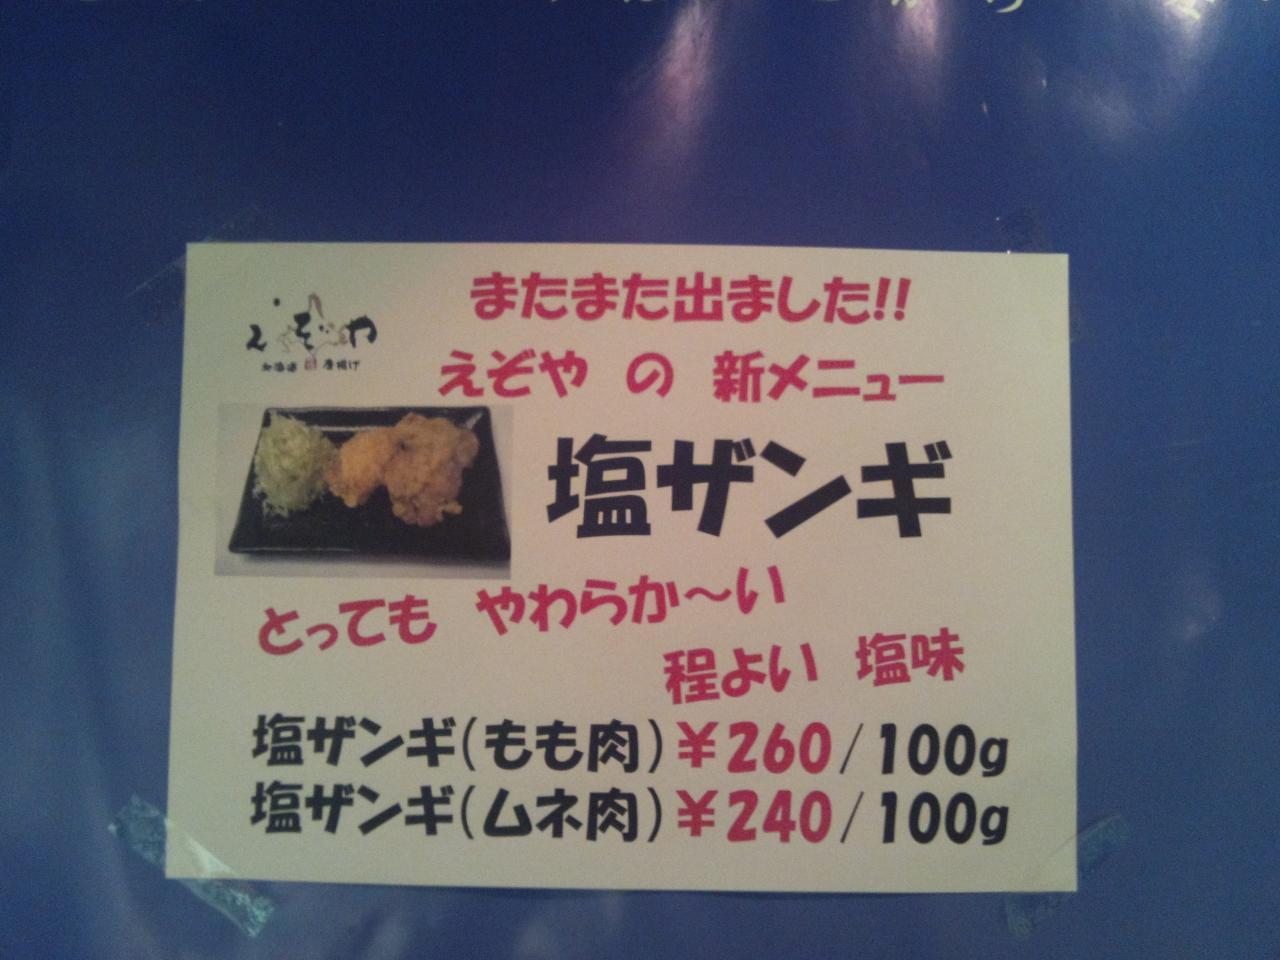 えぞや六角橋店(ポスター)